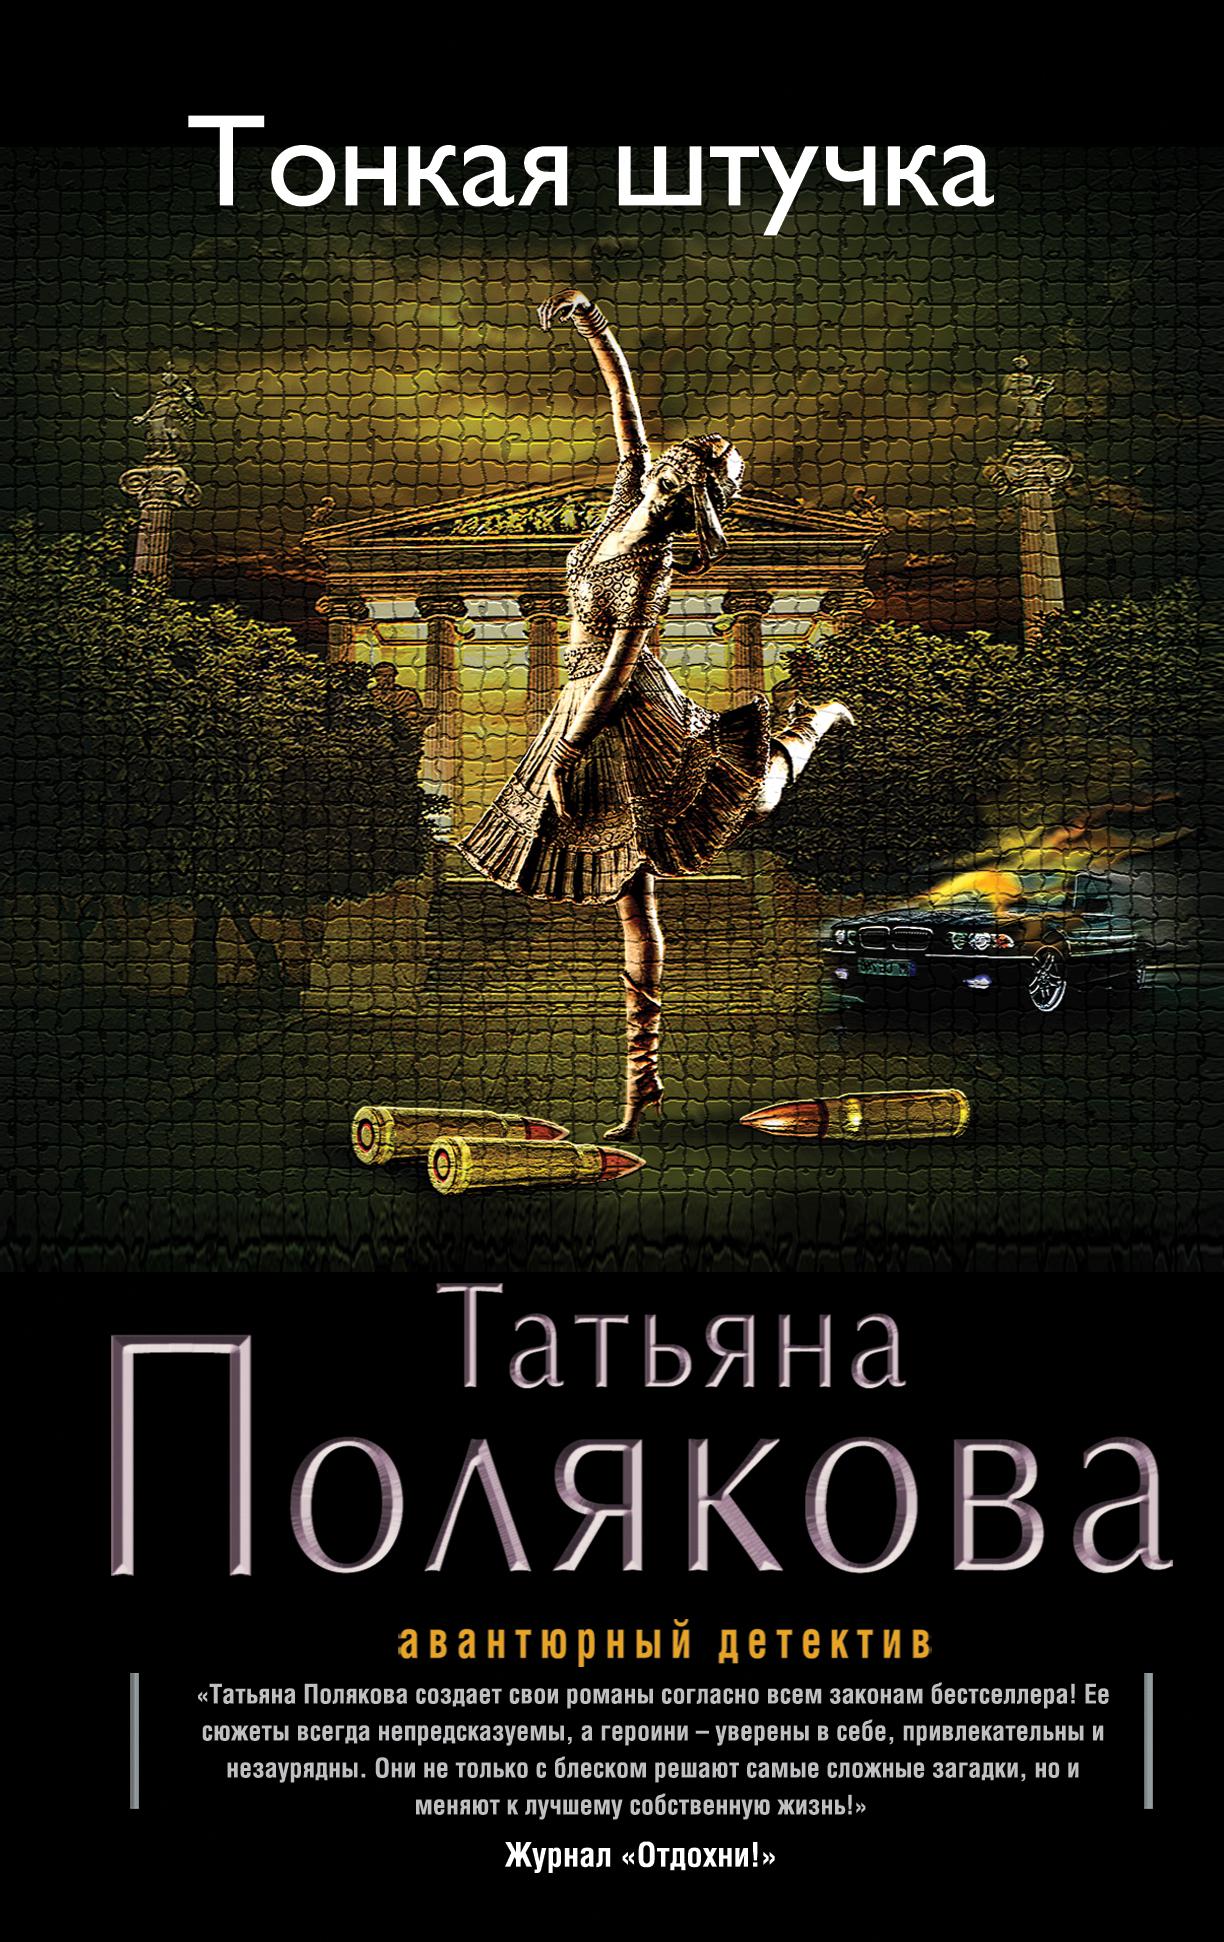 Полякова Т.В. Тонкая штучка